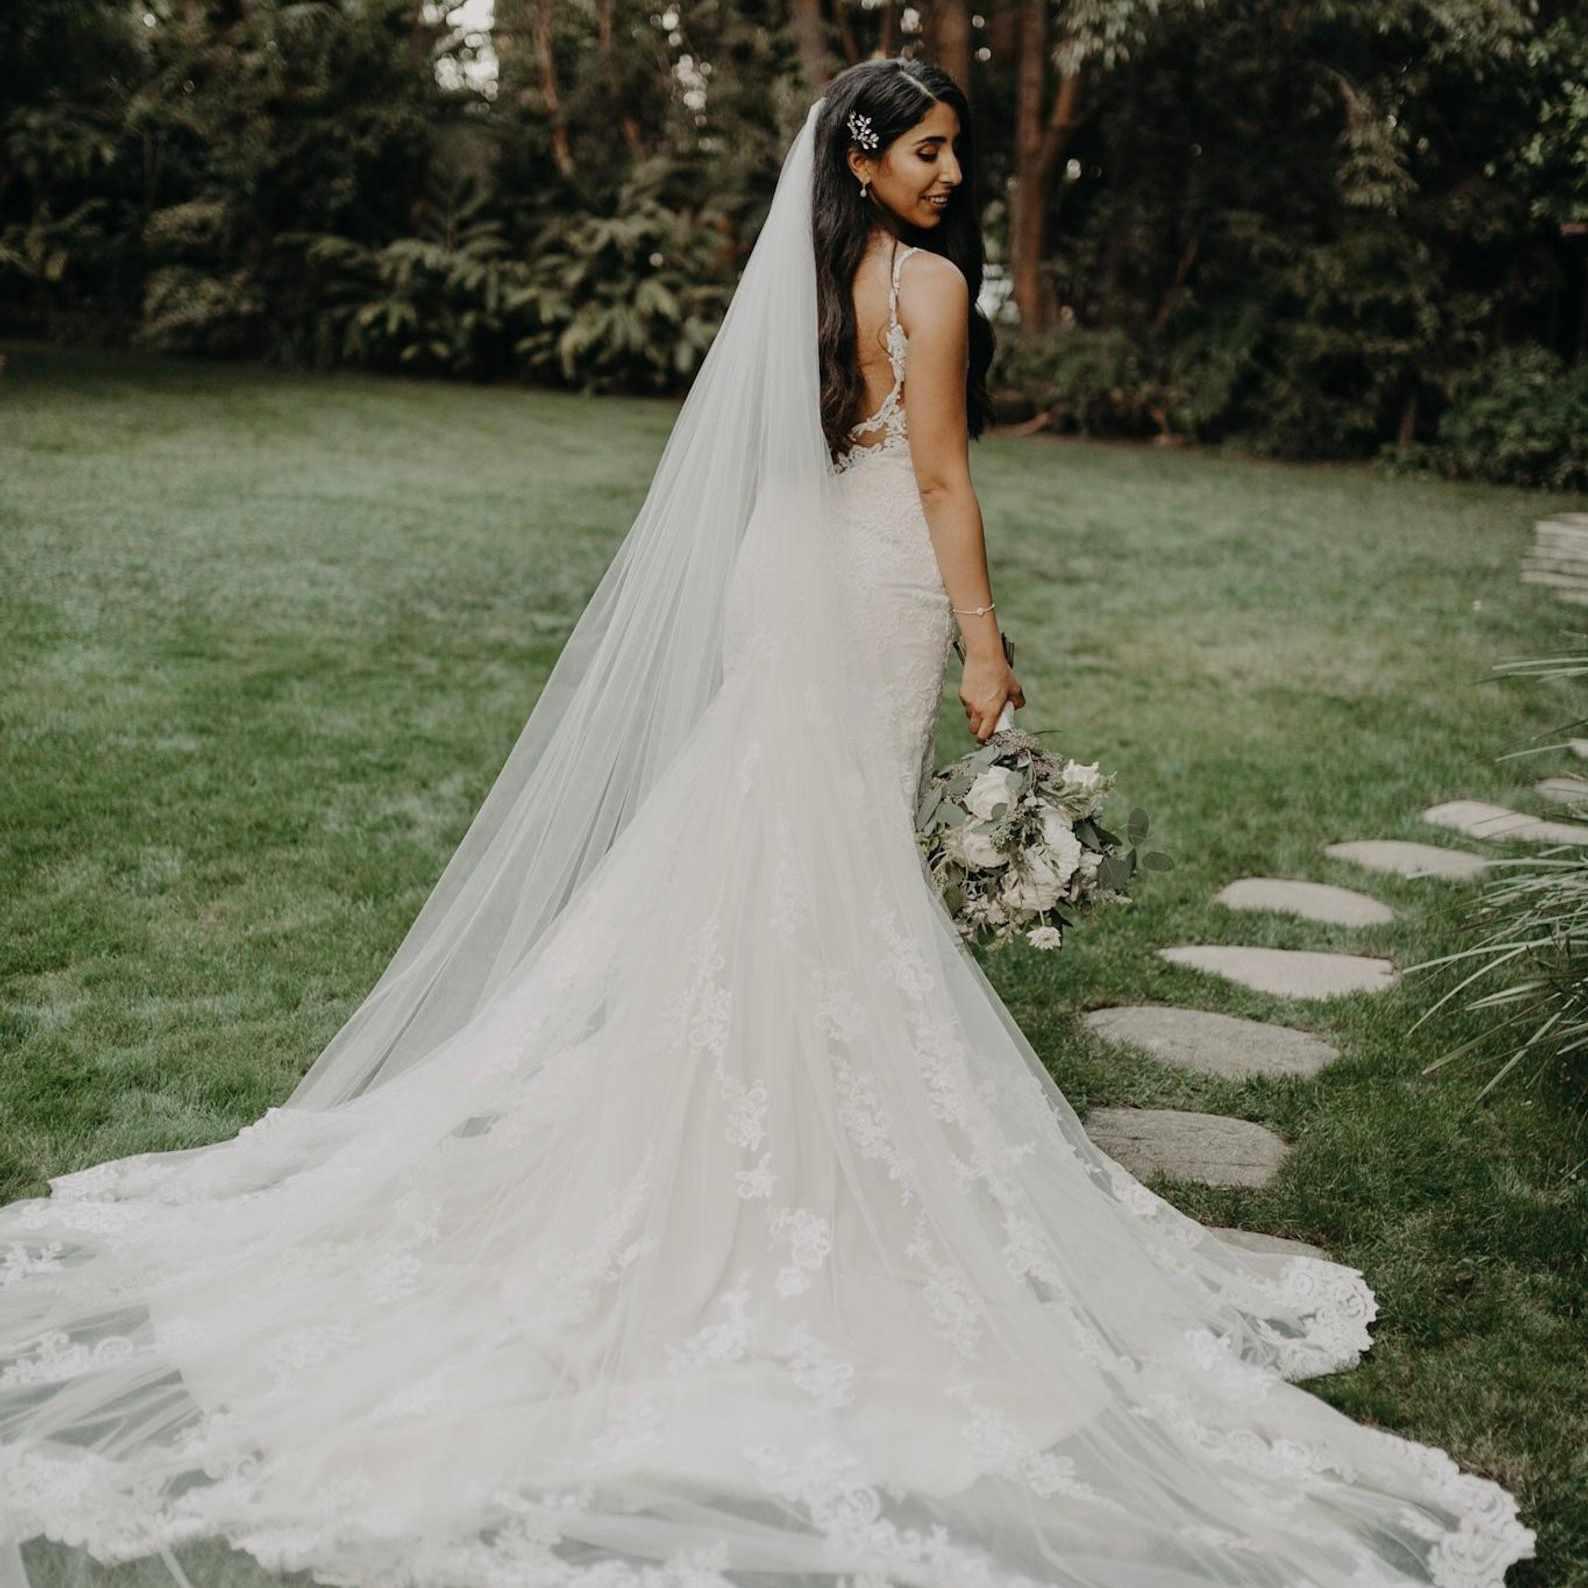 18 Best Wedding Veils of 18